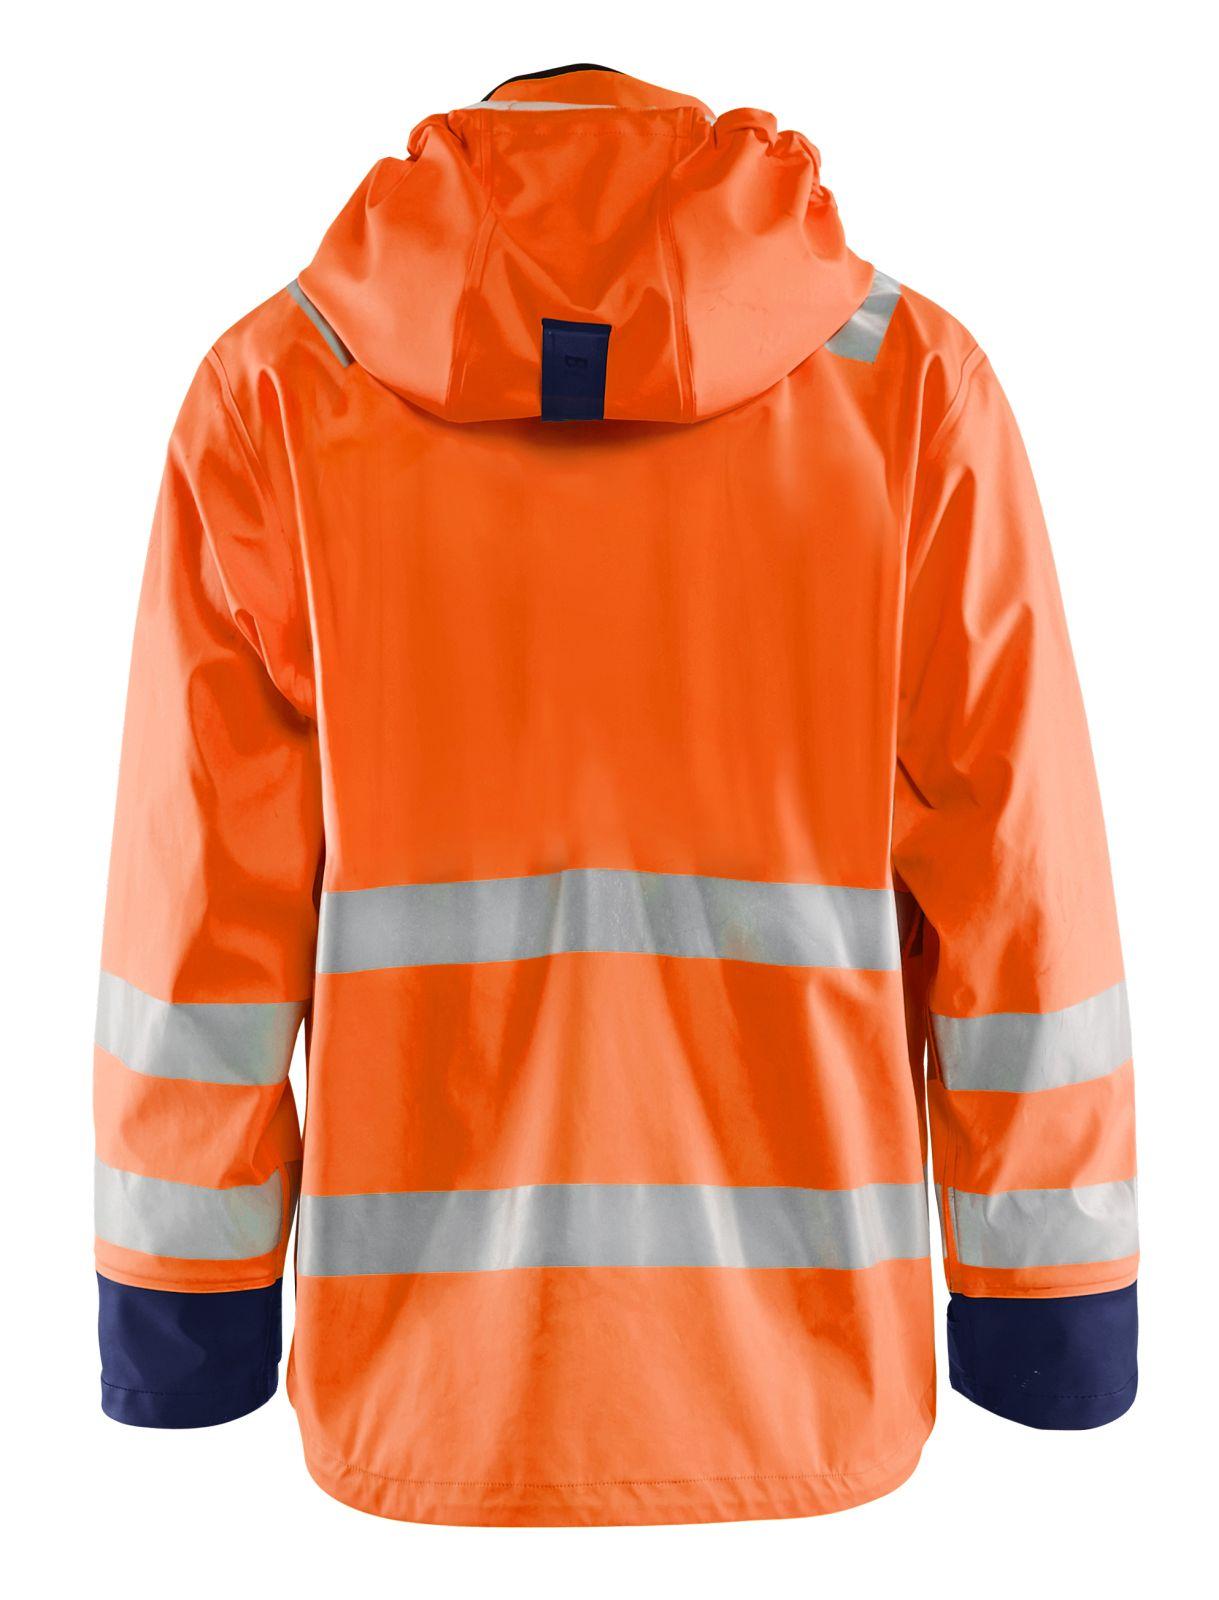 Blaklader Jassen 43272005 High Vis fluo oranje-marineblauw(5389)